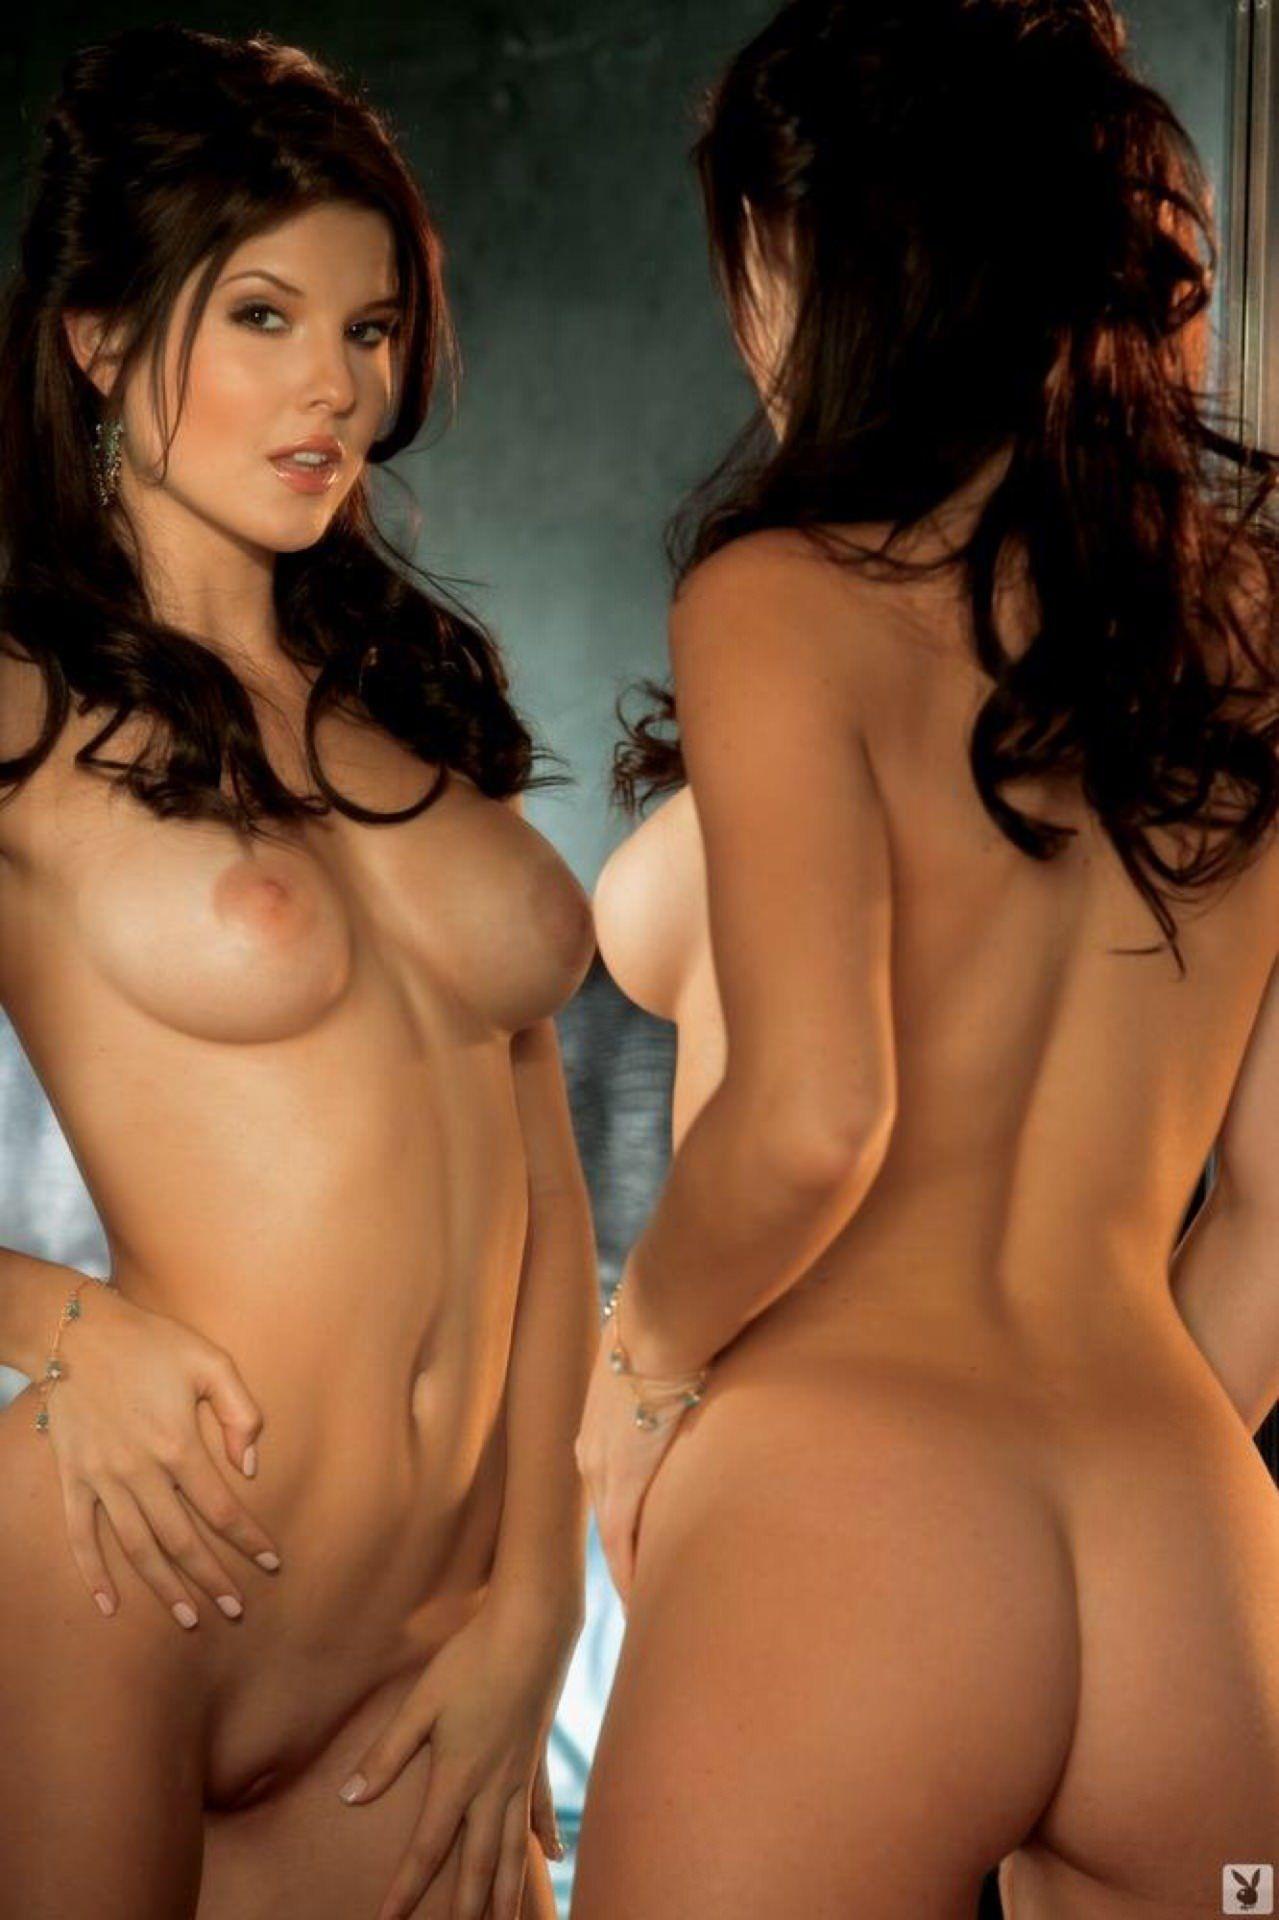 Amanda Cerny Video Porn amanda cerny naked - new porn. comments: 3